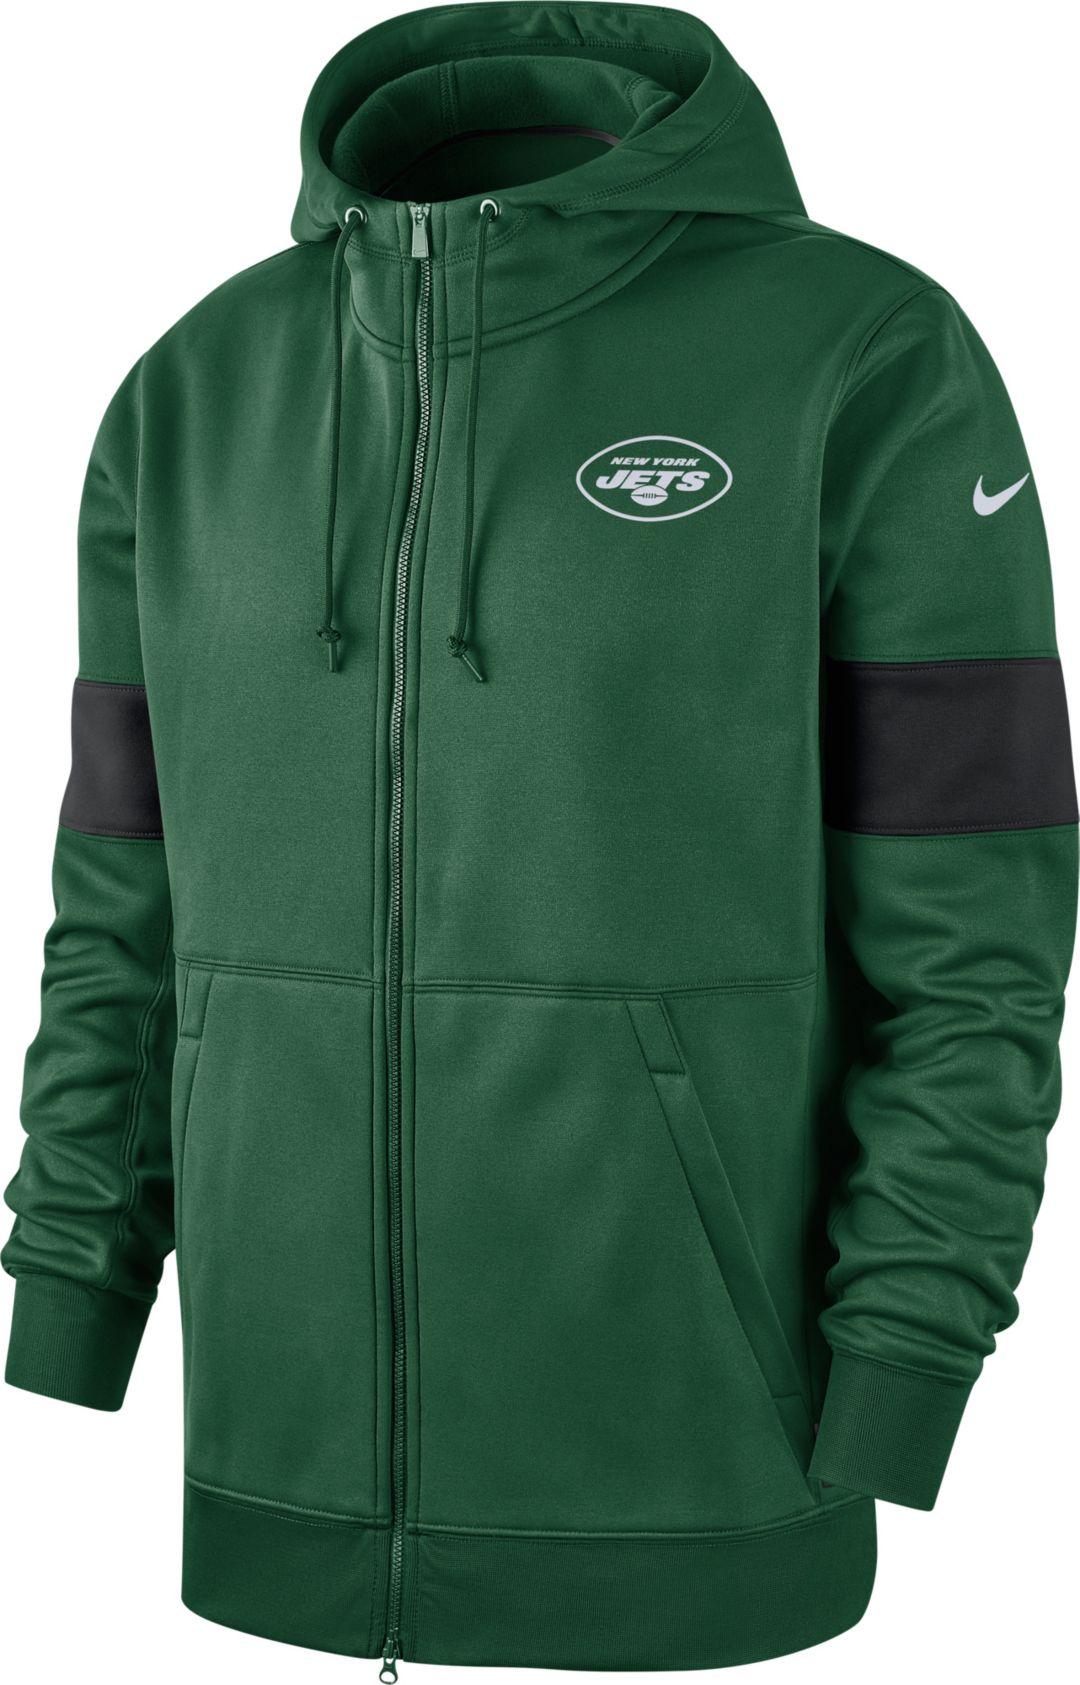 big sale 8c73d 576c7 Nike Men's New York Jets Sideline Therma-FIT Green Full-Zip Hoodie